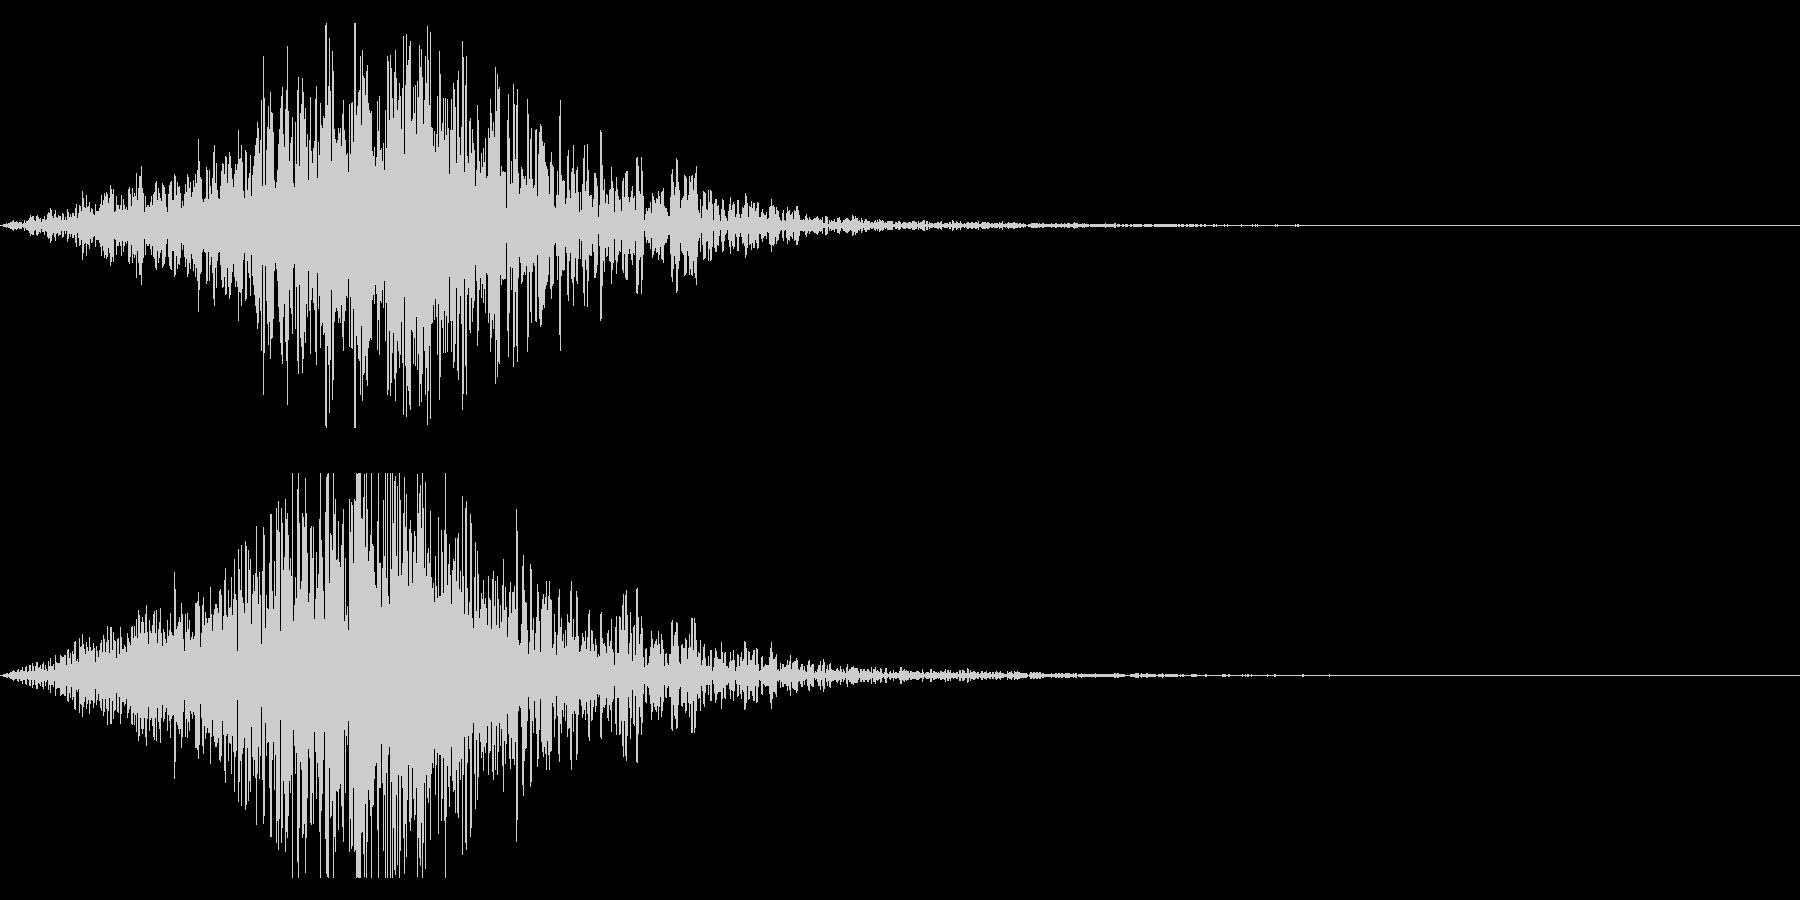 ホラー系アタック音91の未再生の波形